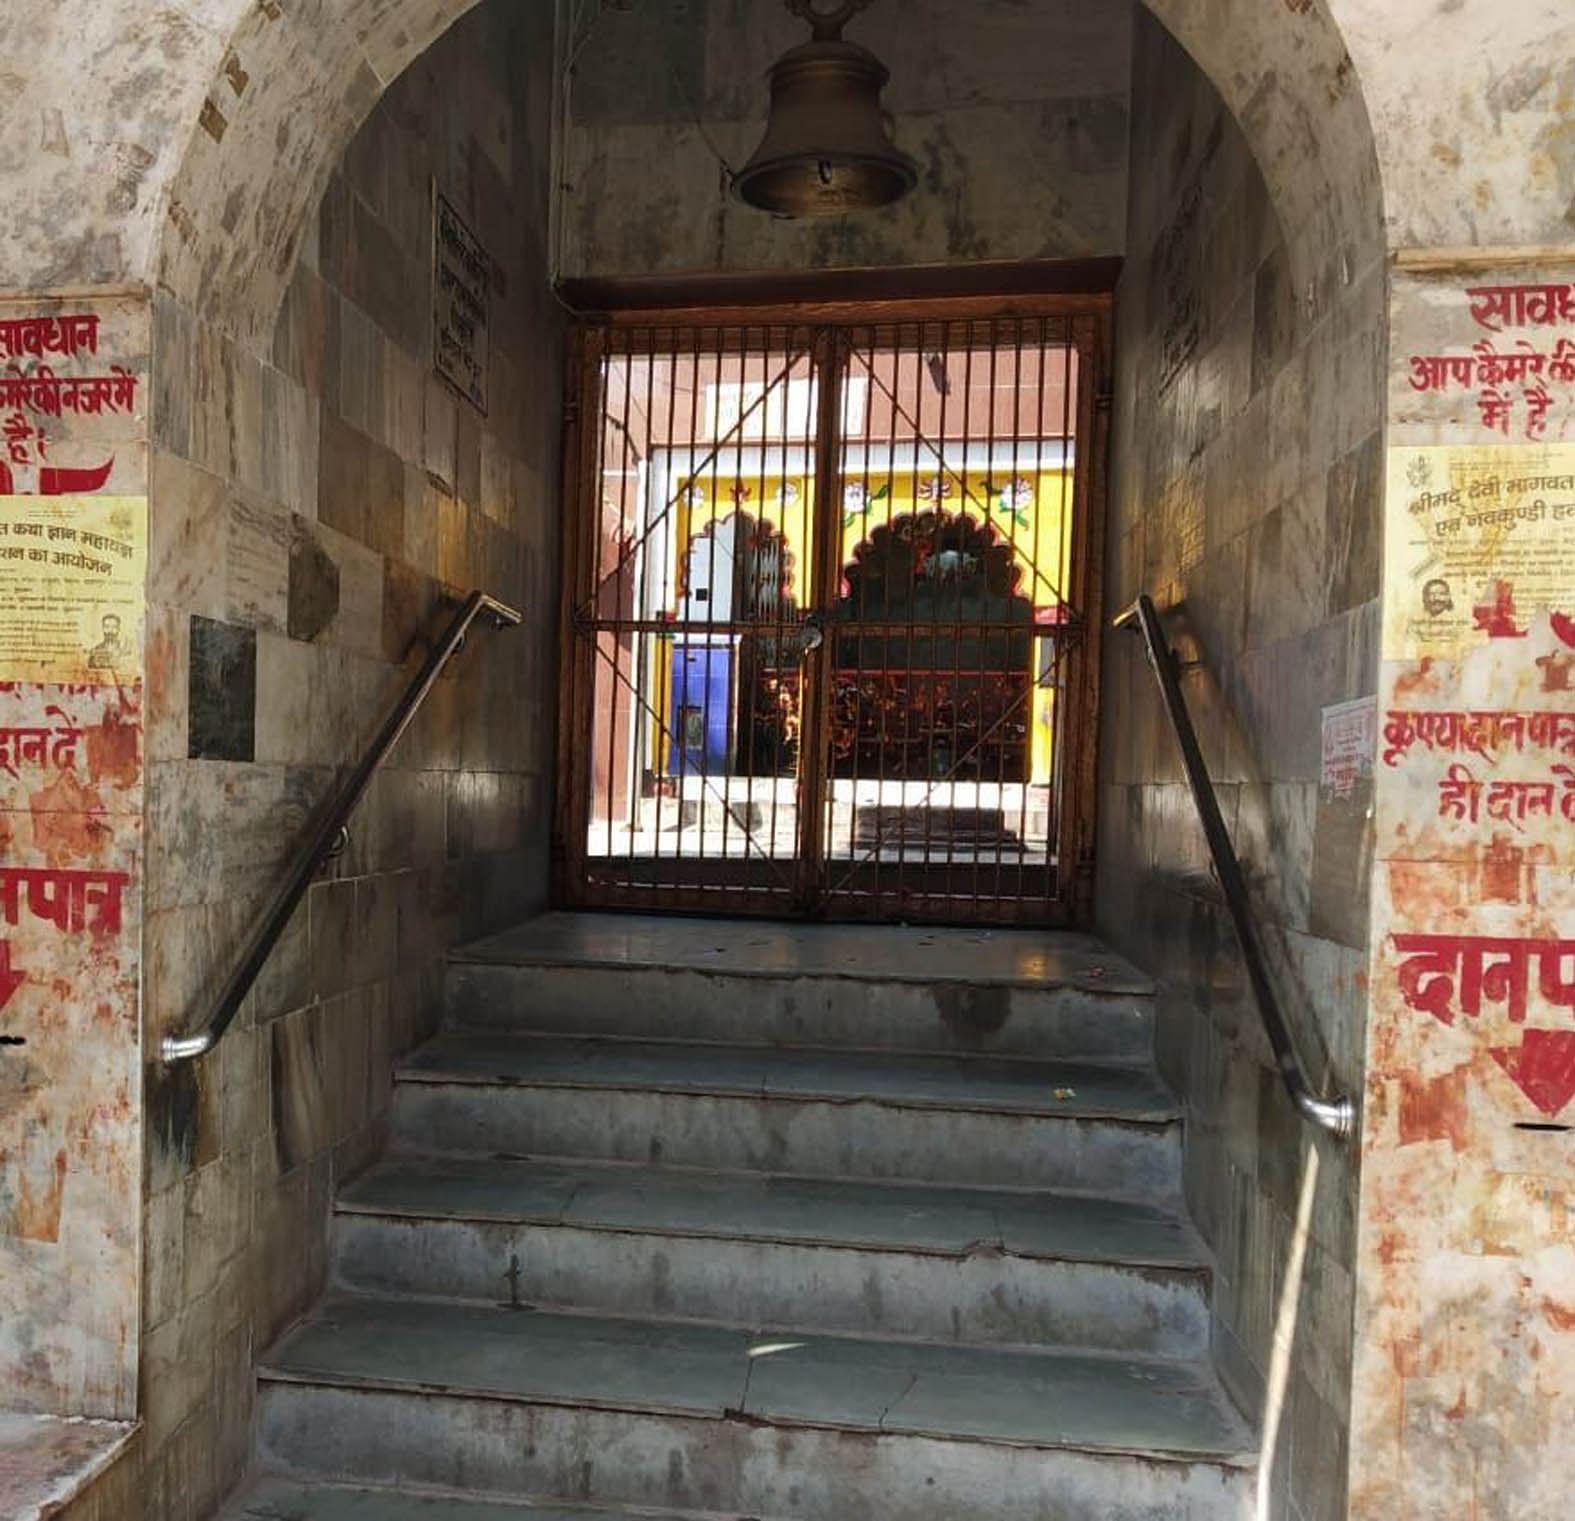 नवरात्र के तीसरे दिन भी बंद पड़ा बांदा के प्रमुख महेश्वरी देवी मंदिर का गेट।